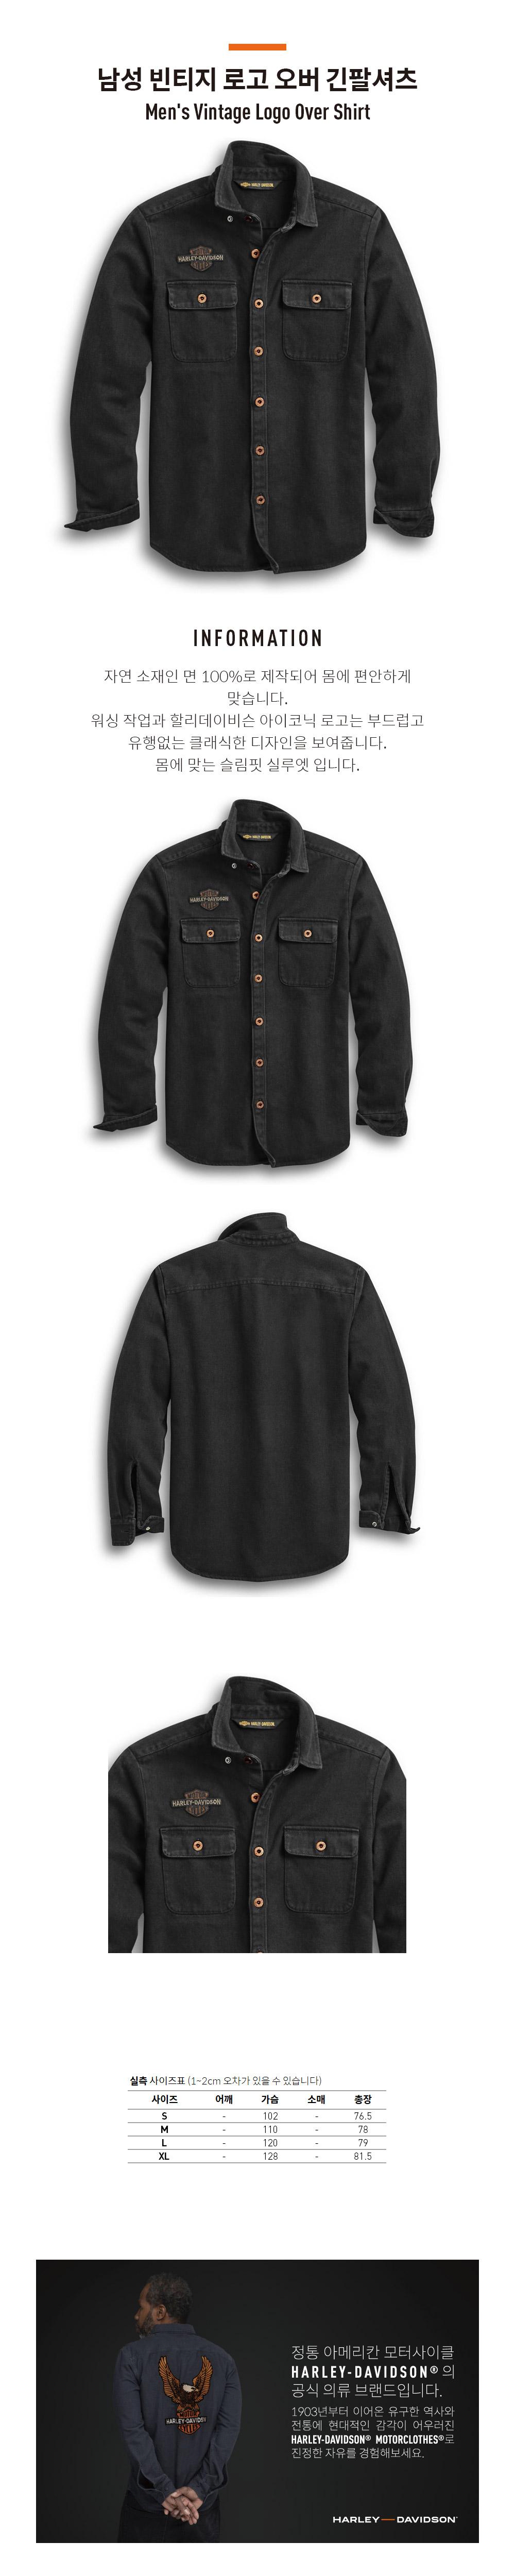 남성 빈티지 로고 오버 긴팔셔츠